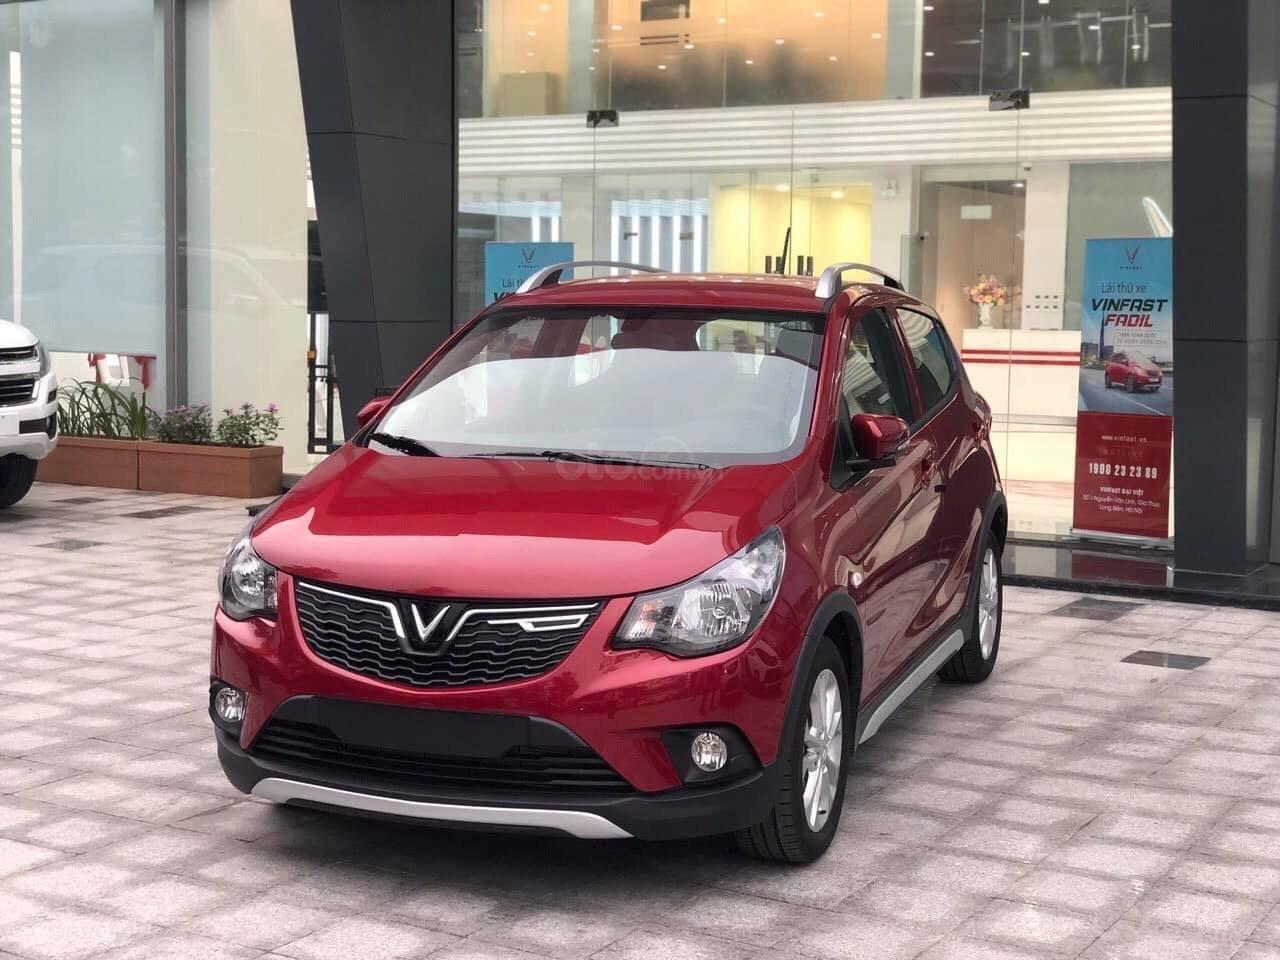 Bán xe VinFast Fadil sản xuất 2019, đủ màu giao ngay 0911234775 em Long (2)